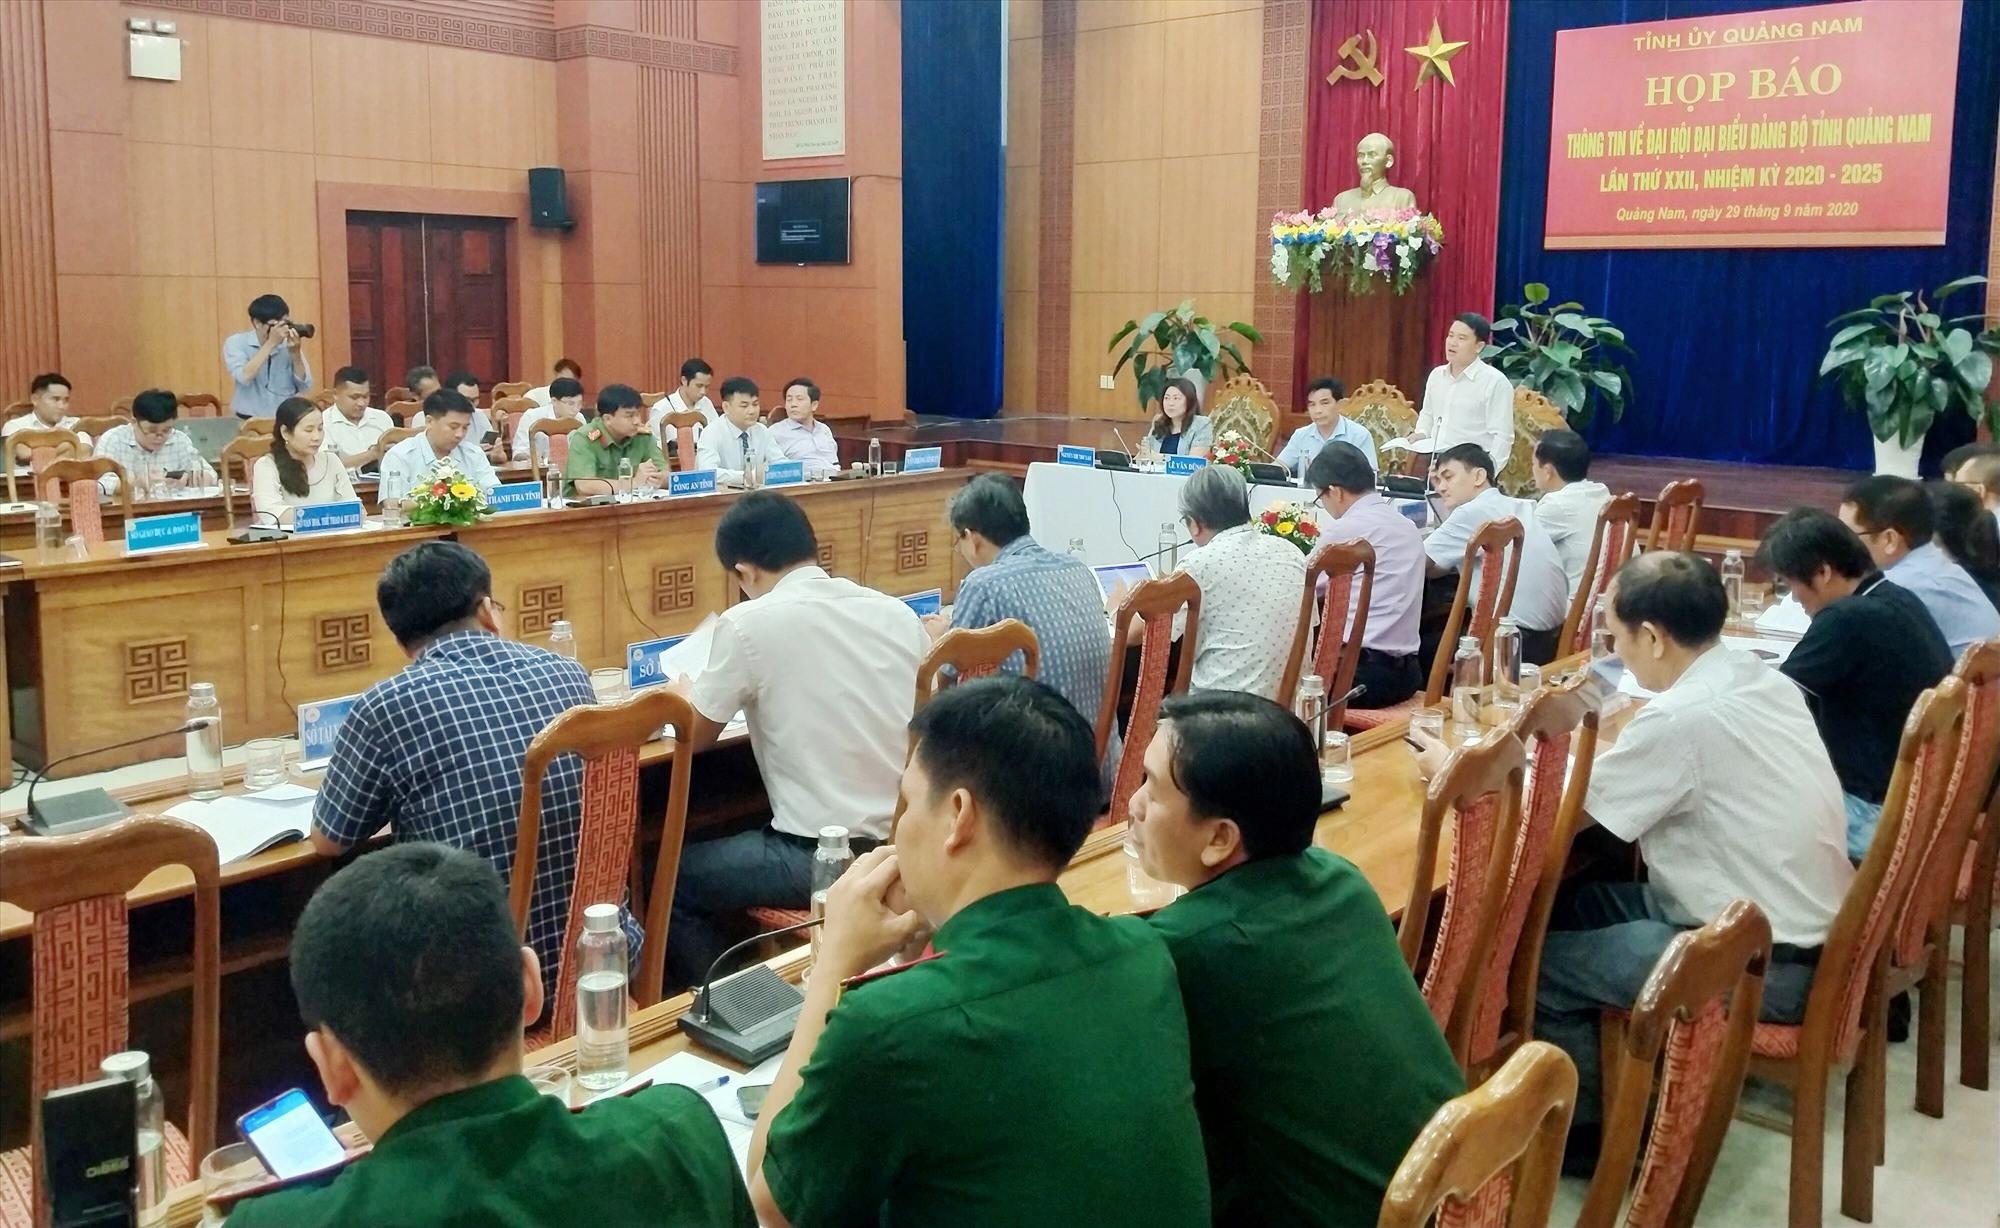 Phó Chủ tịch UBND tỉnh Trần Văn Tân trả lời câu hỏi của các cơ quan báo chí. Ảnh: N.Đ